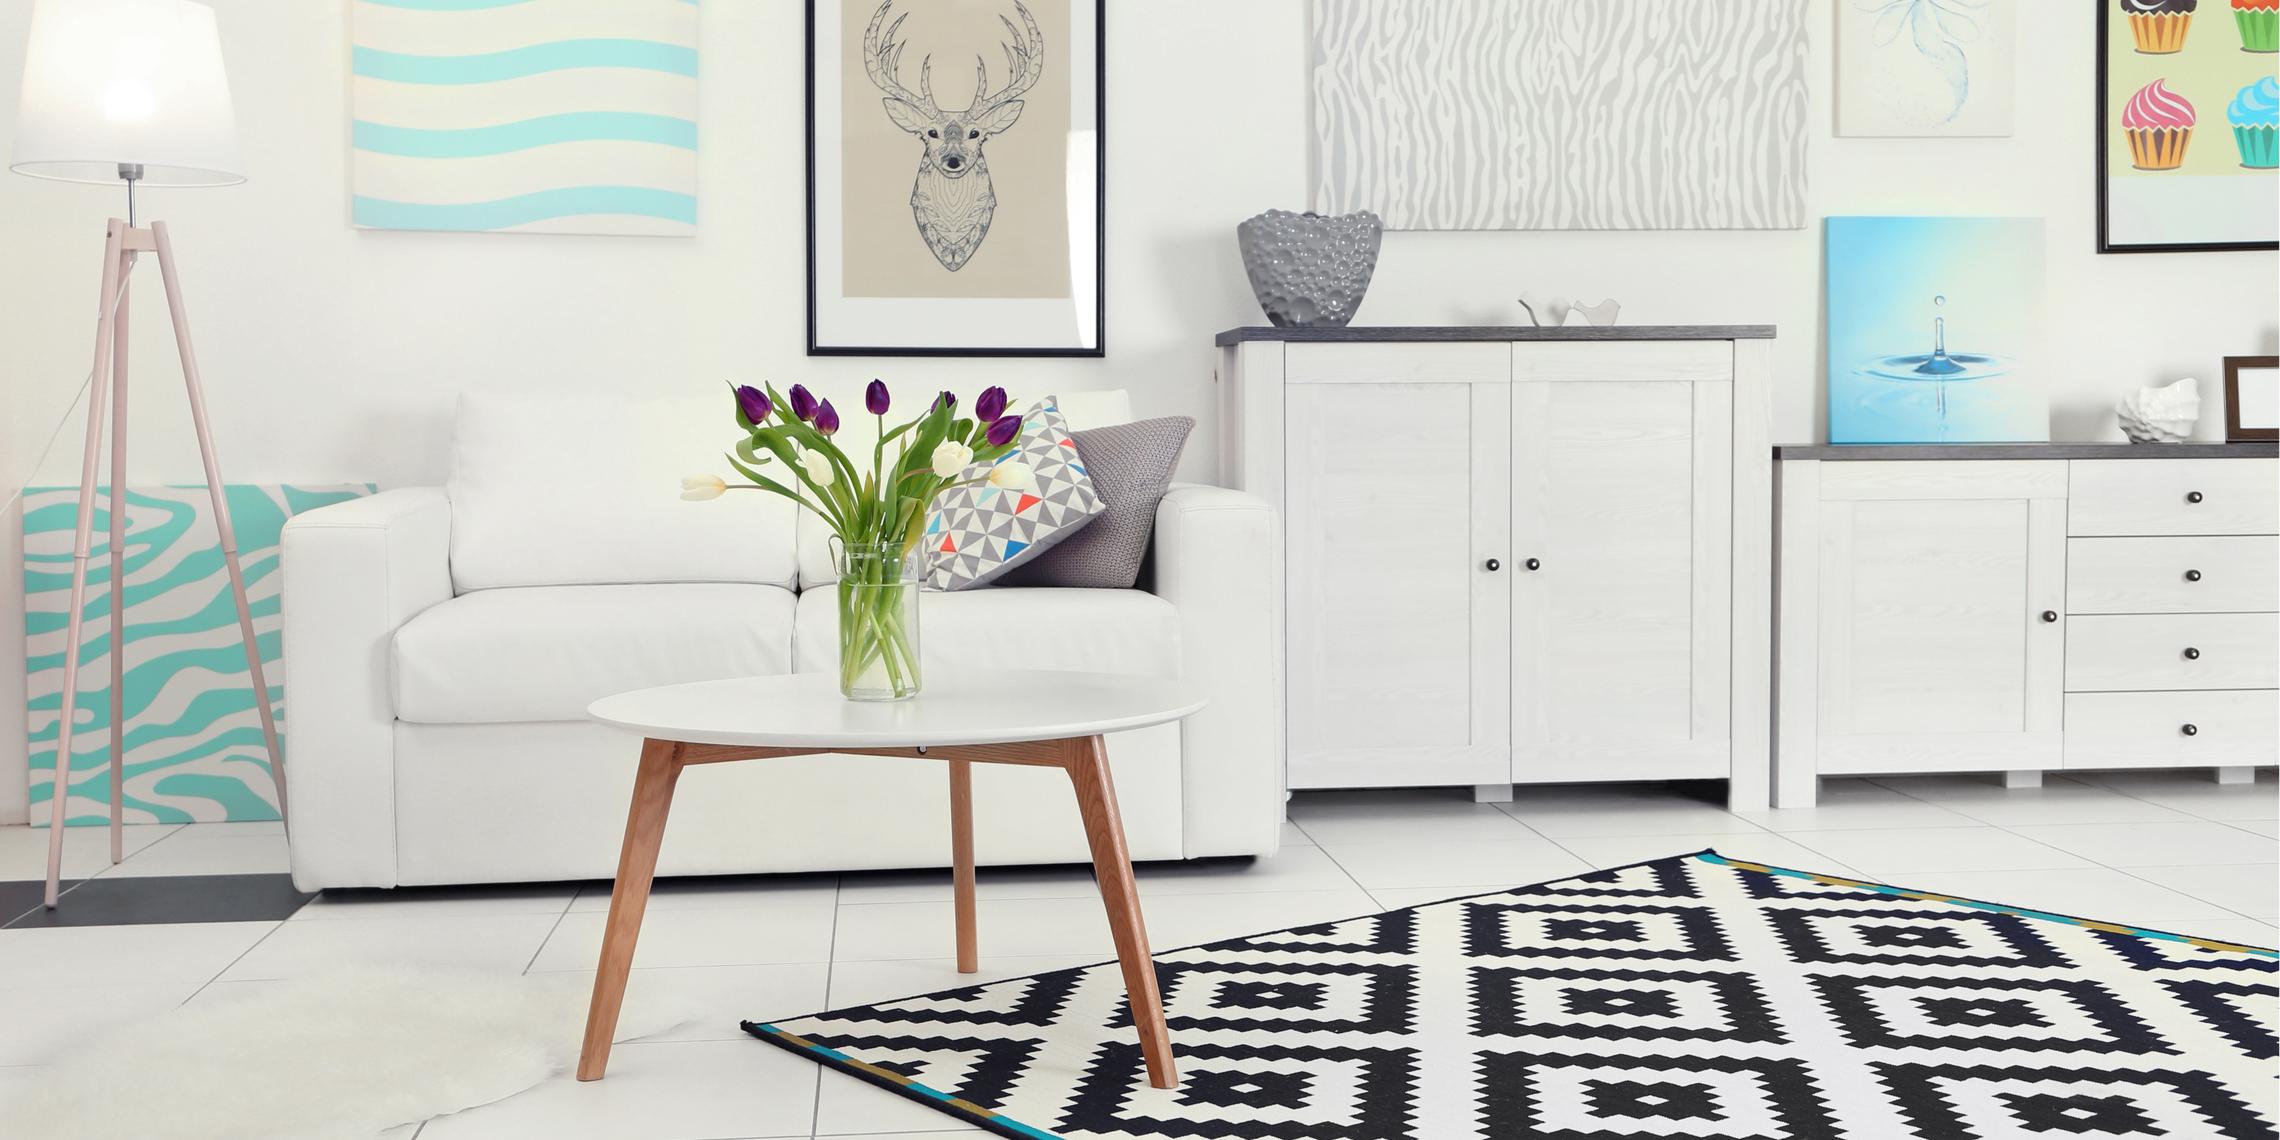 Wohndeko für kleine Räume: 5 Deko-Tricks für optische Vergrößerung ...